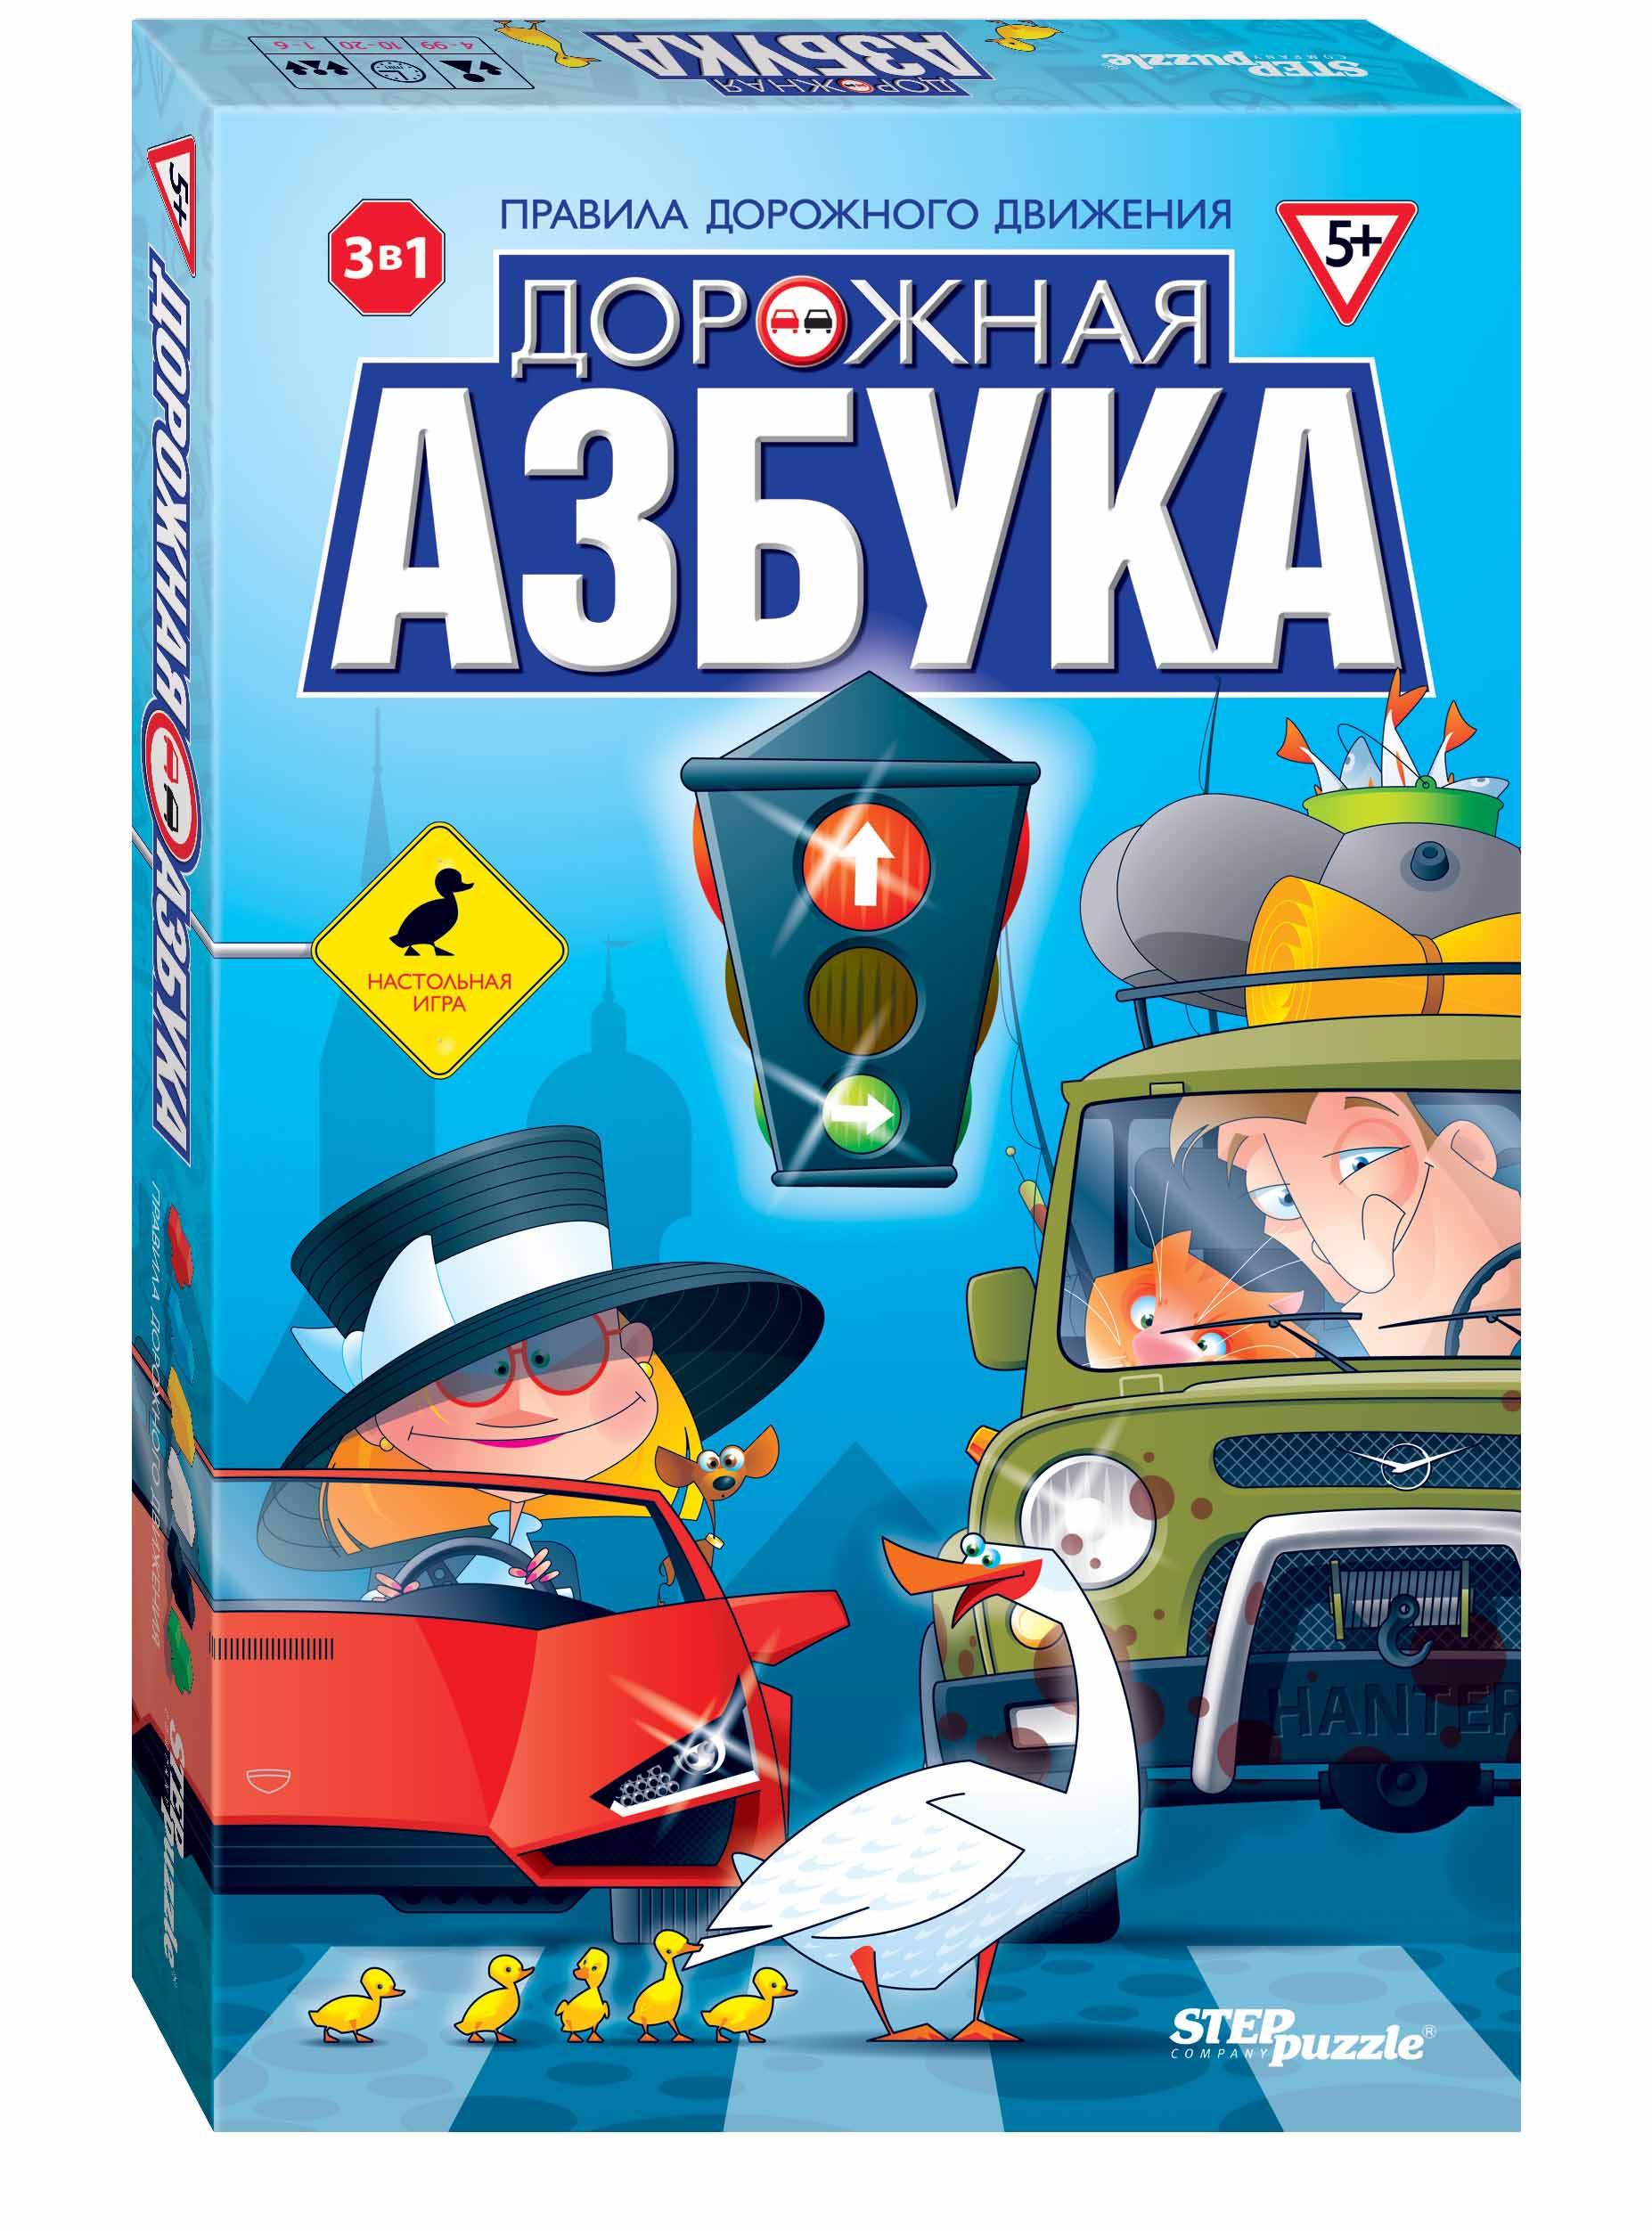 Игра настольная - Дорожная азбукаИгры для компаний<br>Игра настольная - Дорожная азбука<br>